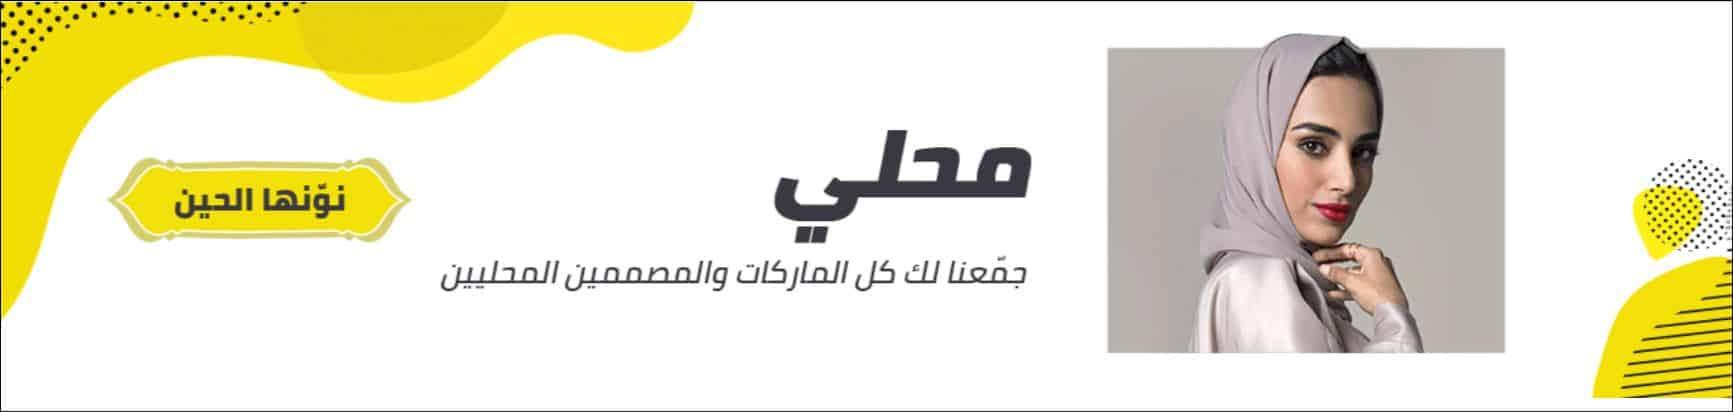 عروض متاجر السعودية 2019 منتجات متنوعة من نون